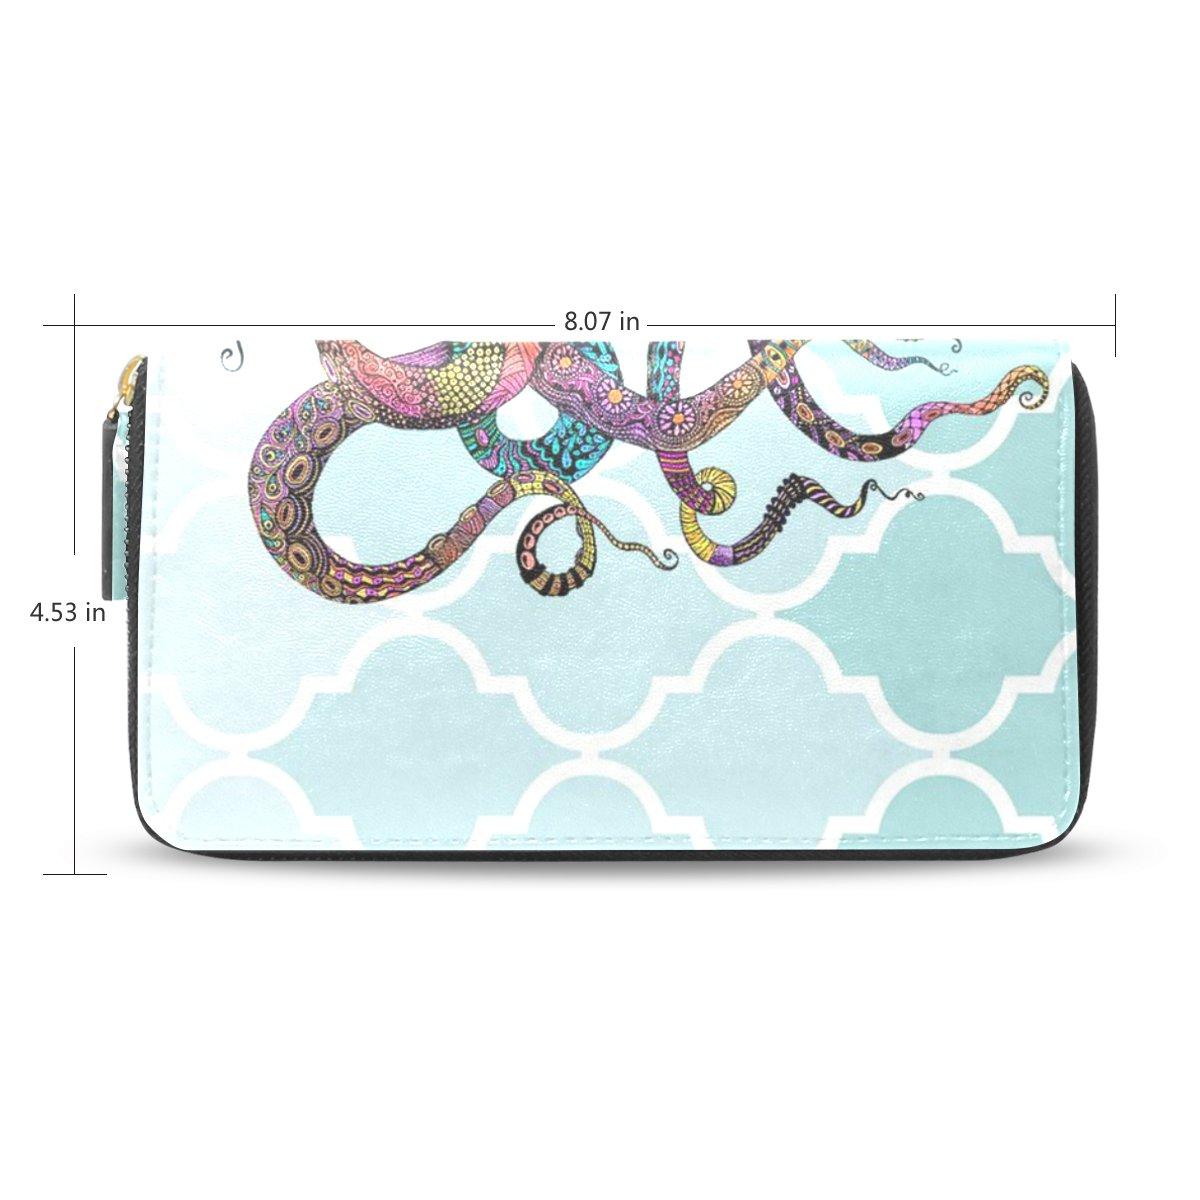 レディースオクトパスパターン長財布&財布ケースカードホルダー B01LY9OEPL